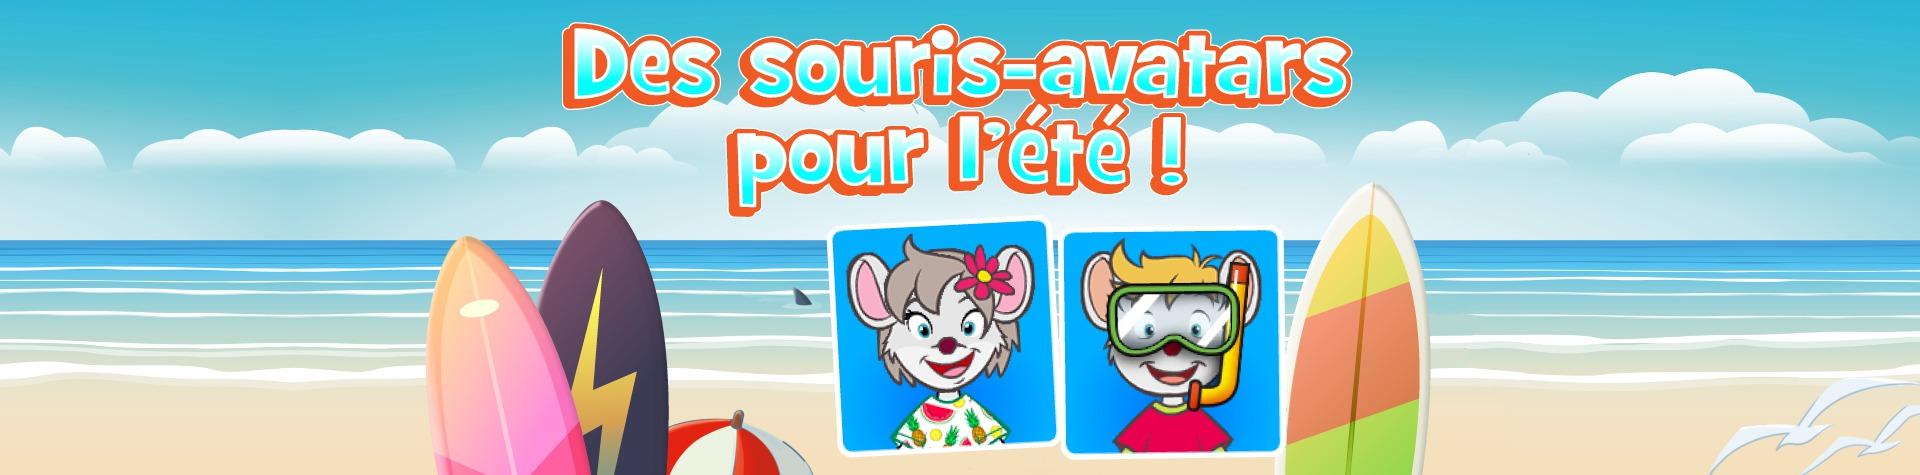 Des souris-avatars pour l'été !